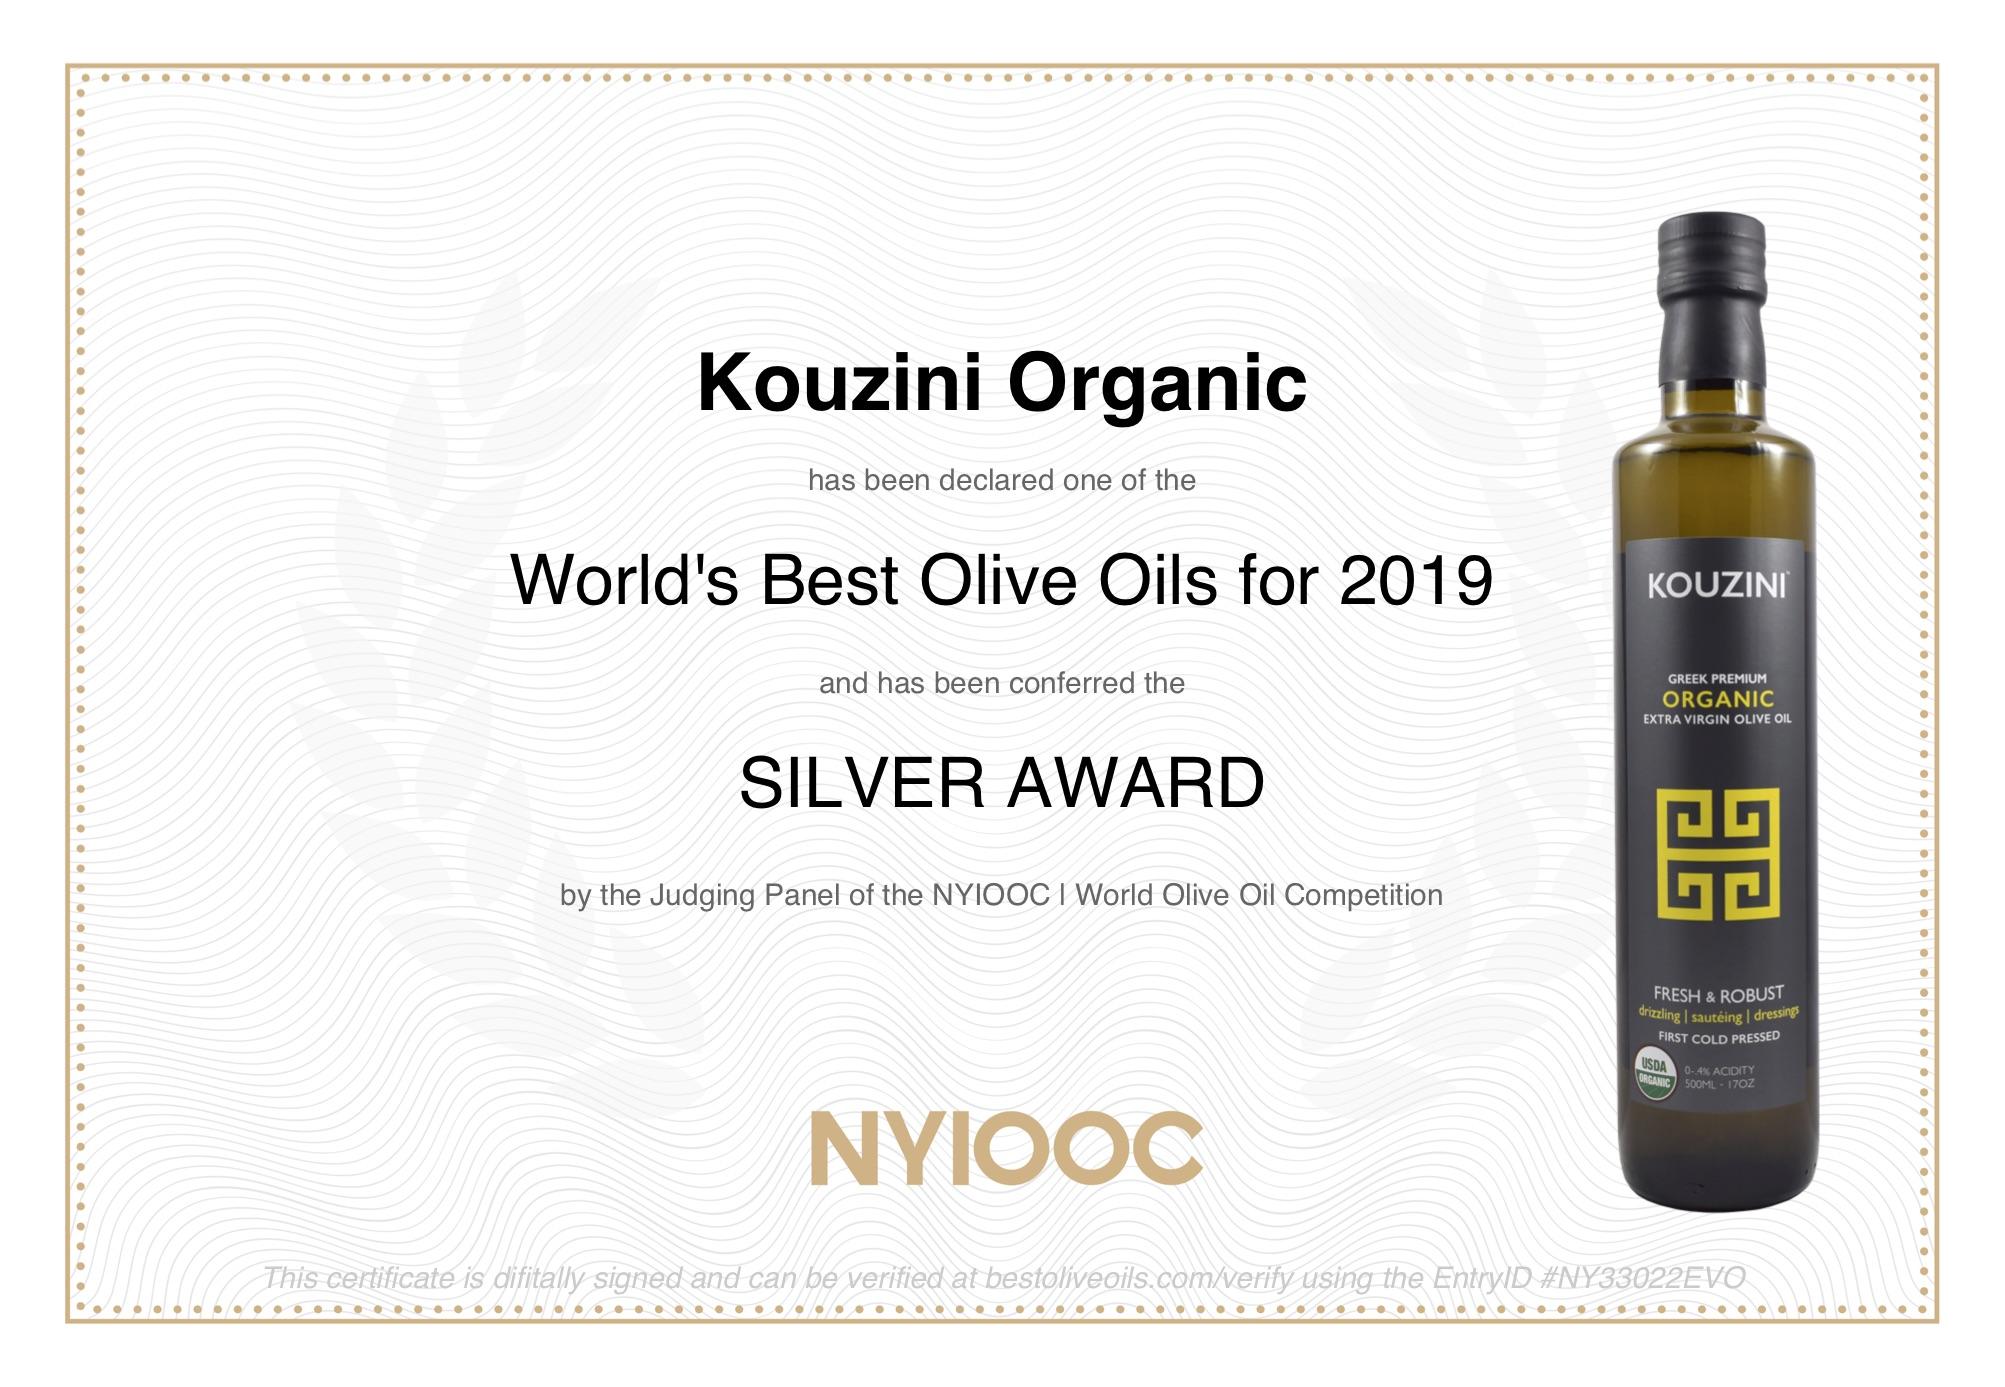 kouzini-organic Award.jpg